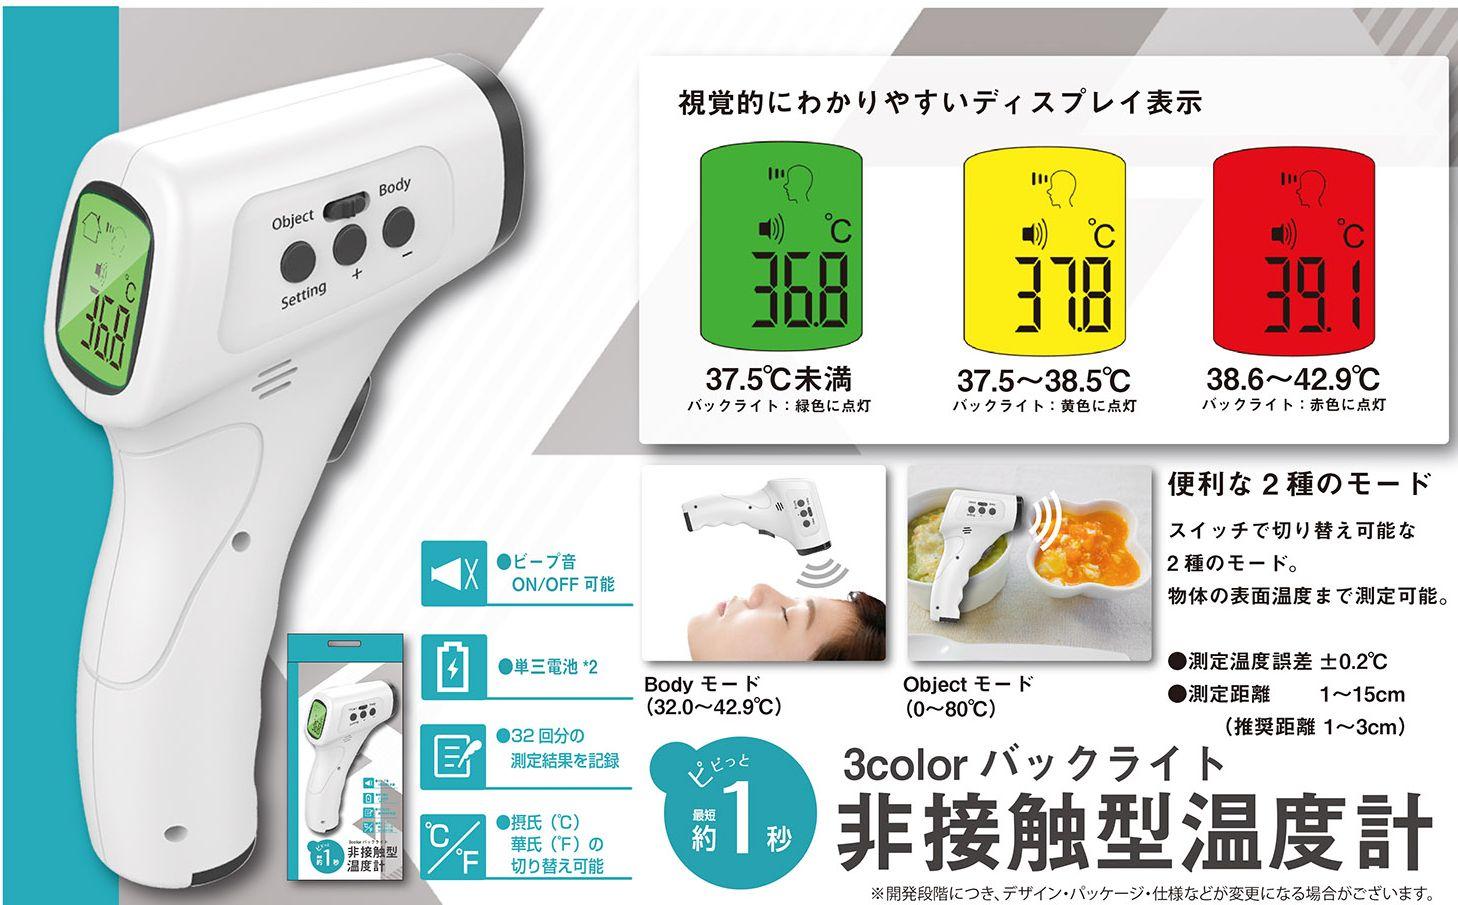 【売り切れごめん】3colorバックライト非接触型温度計